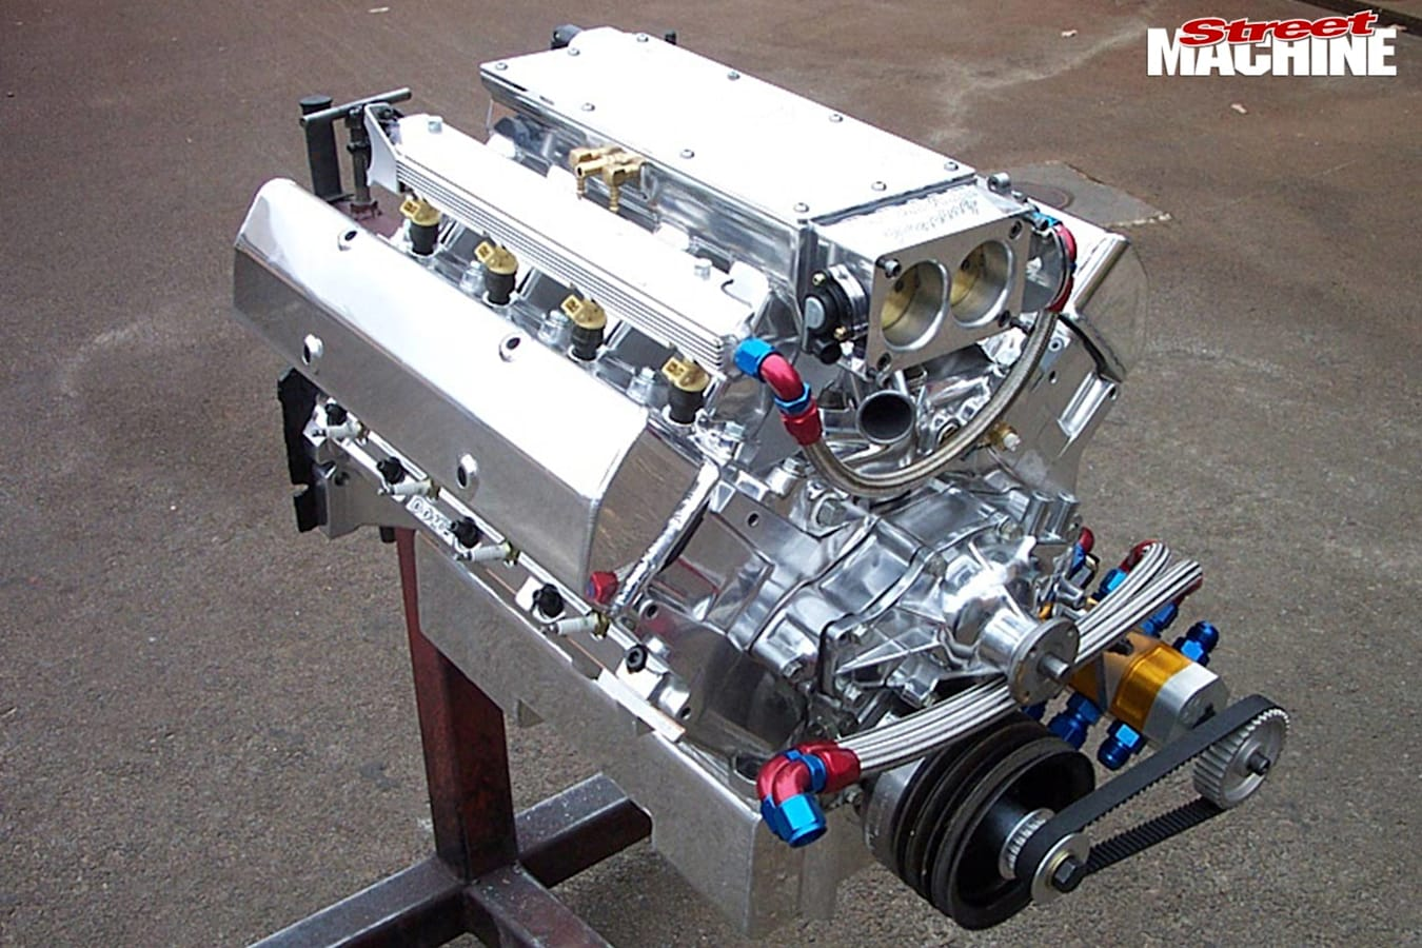 Mitsubishi Magna engine